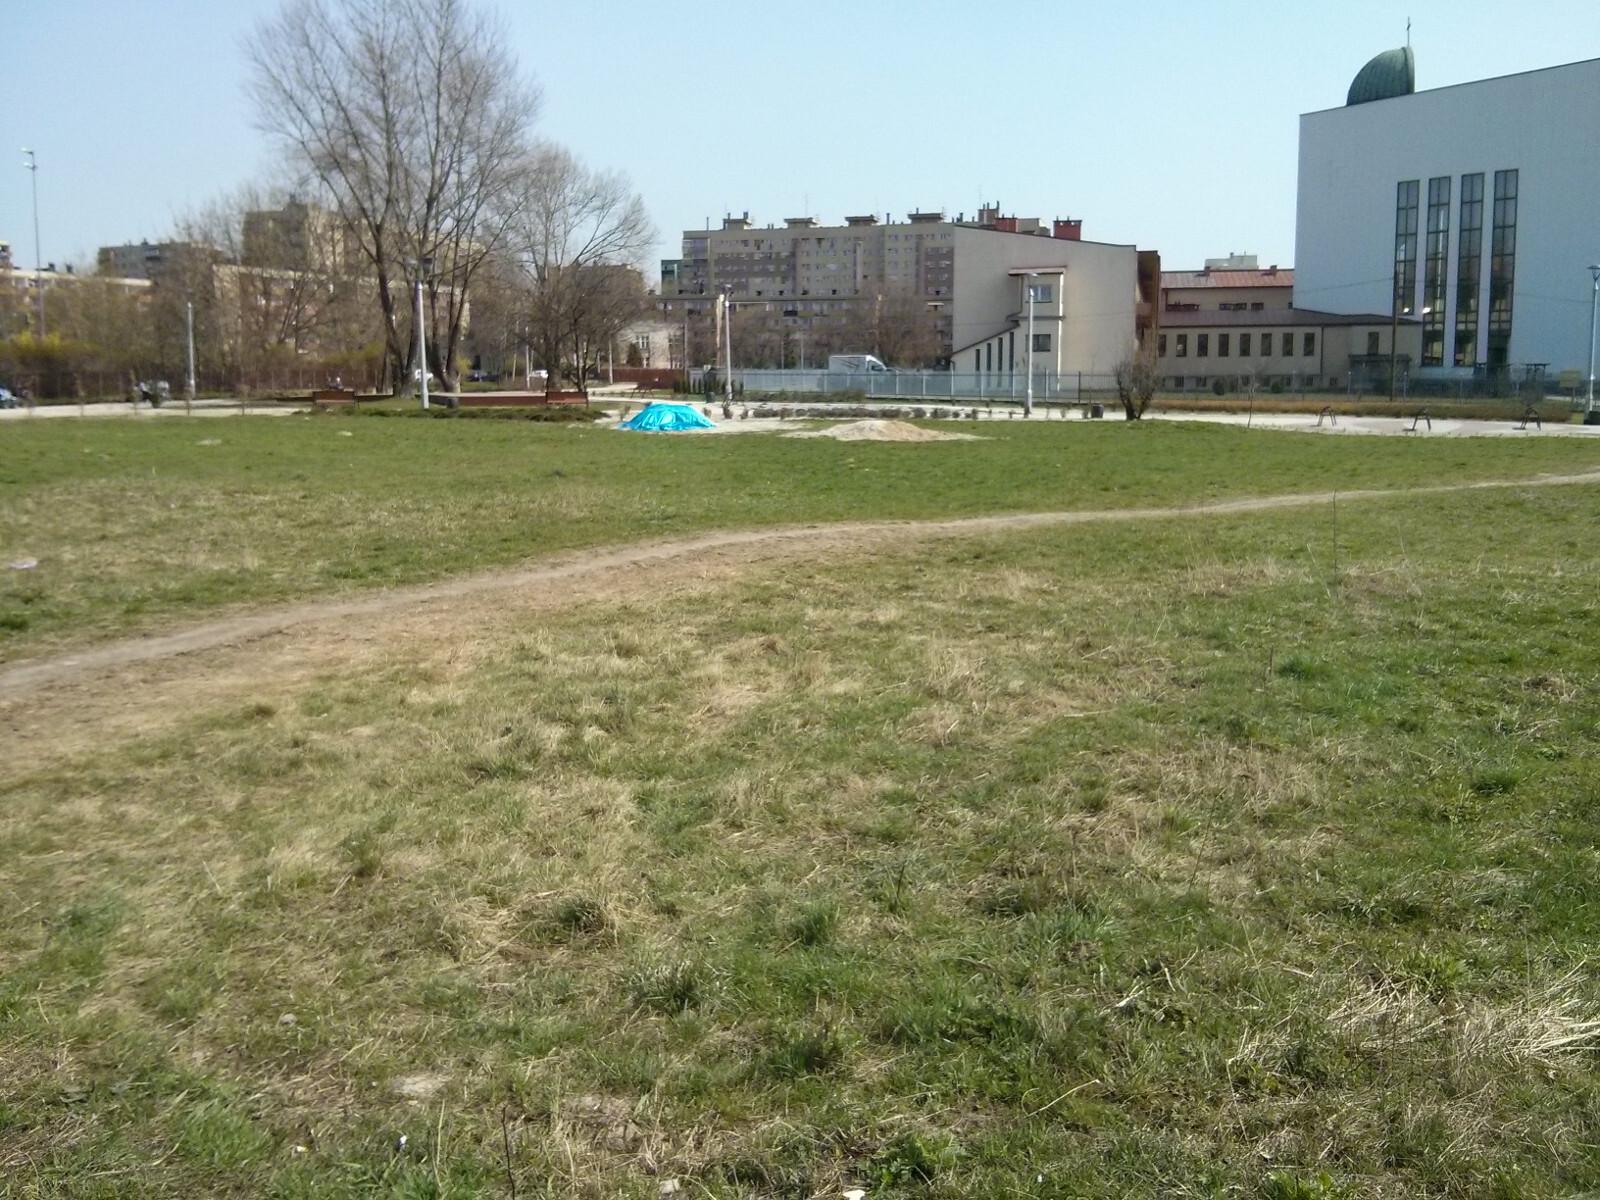 Działka w Czyżynach, gdzie Budimex chce zrobić skwer dla mieszkańców